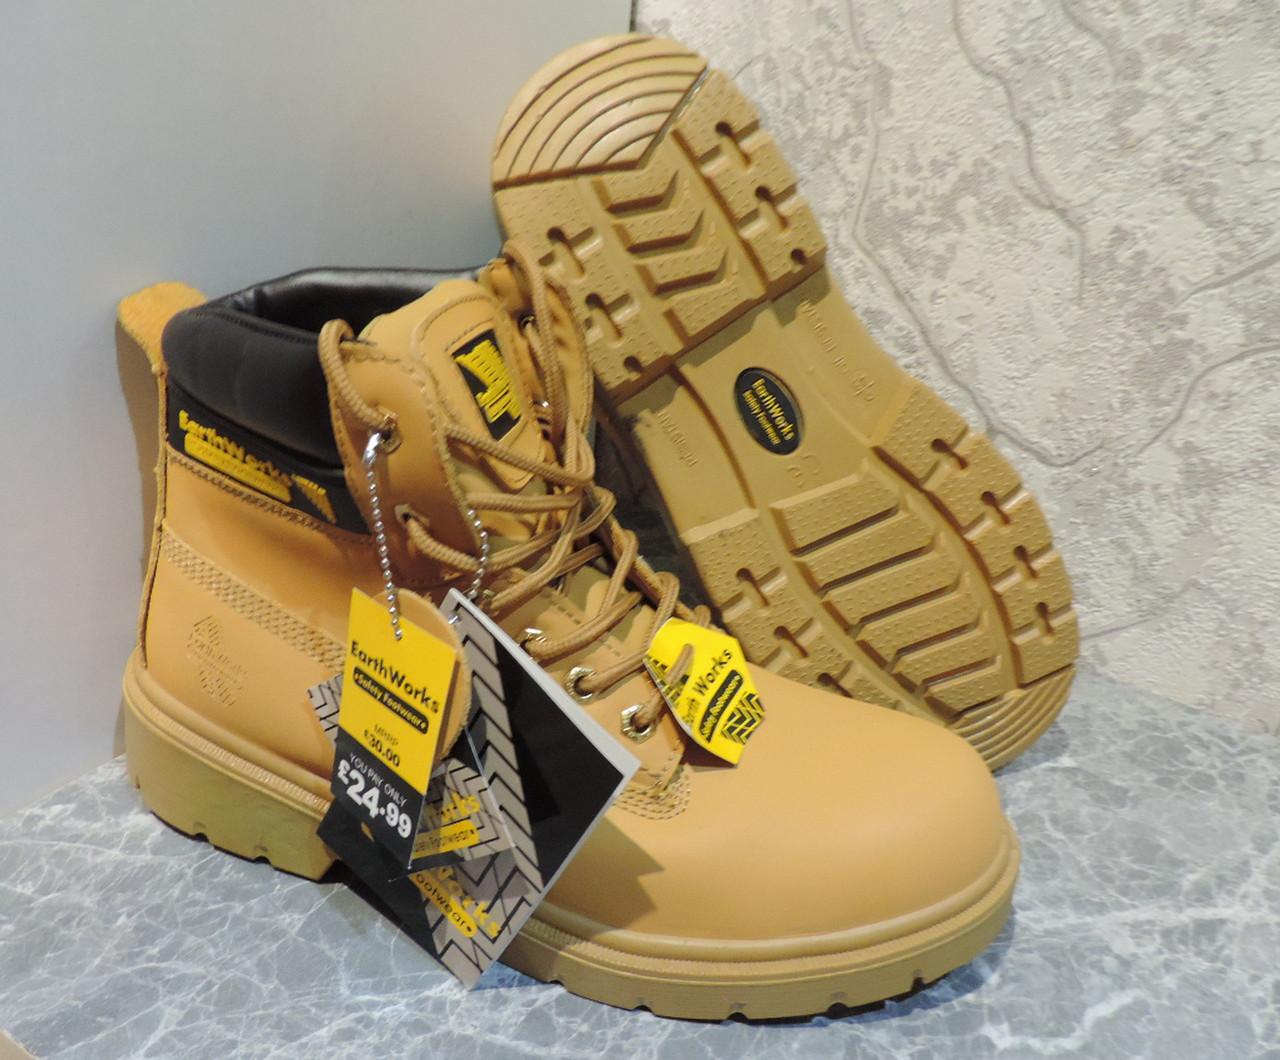 994ce31f92fc Мужские Ботинки Берцы Earth Works (Великобритания). Защитные Мужские  Кожаные Ботинки с Металлическим Носком — в Категории